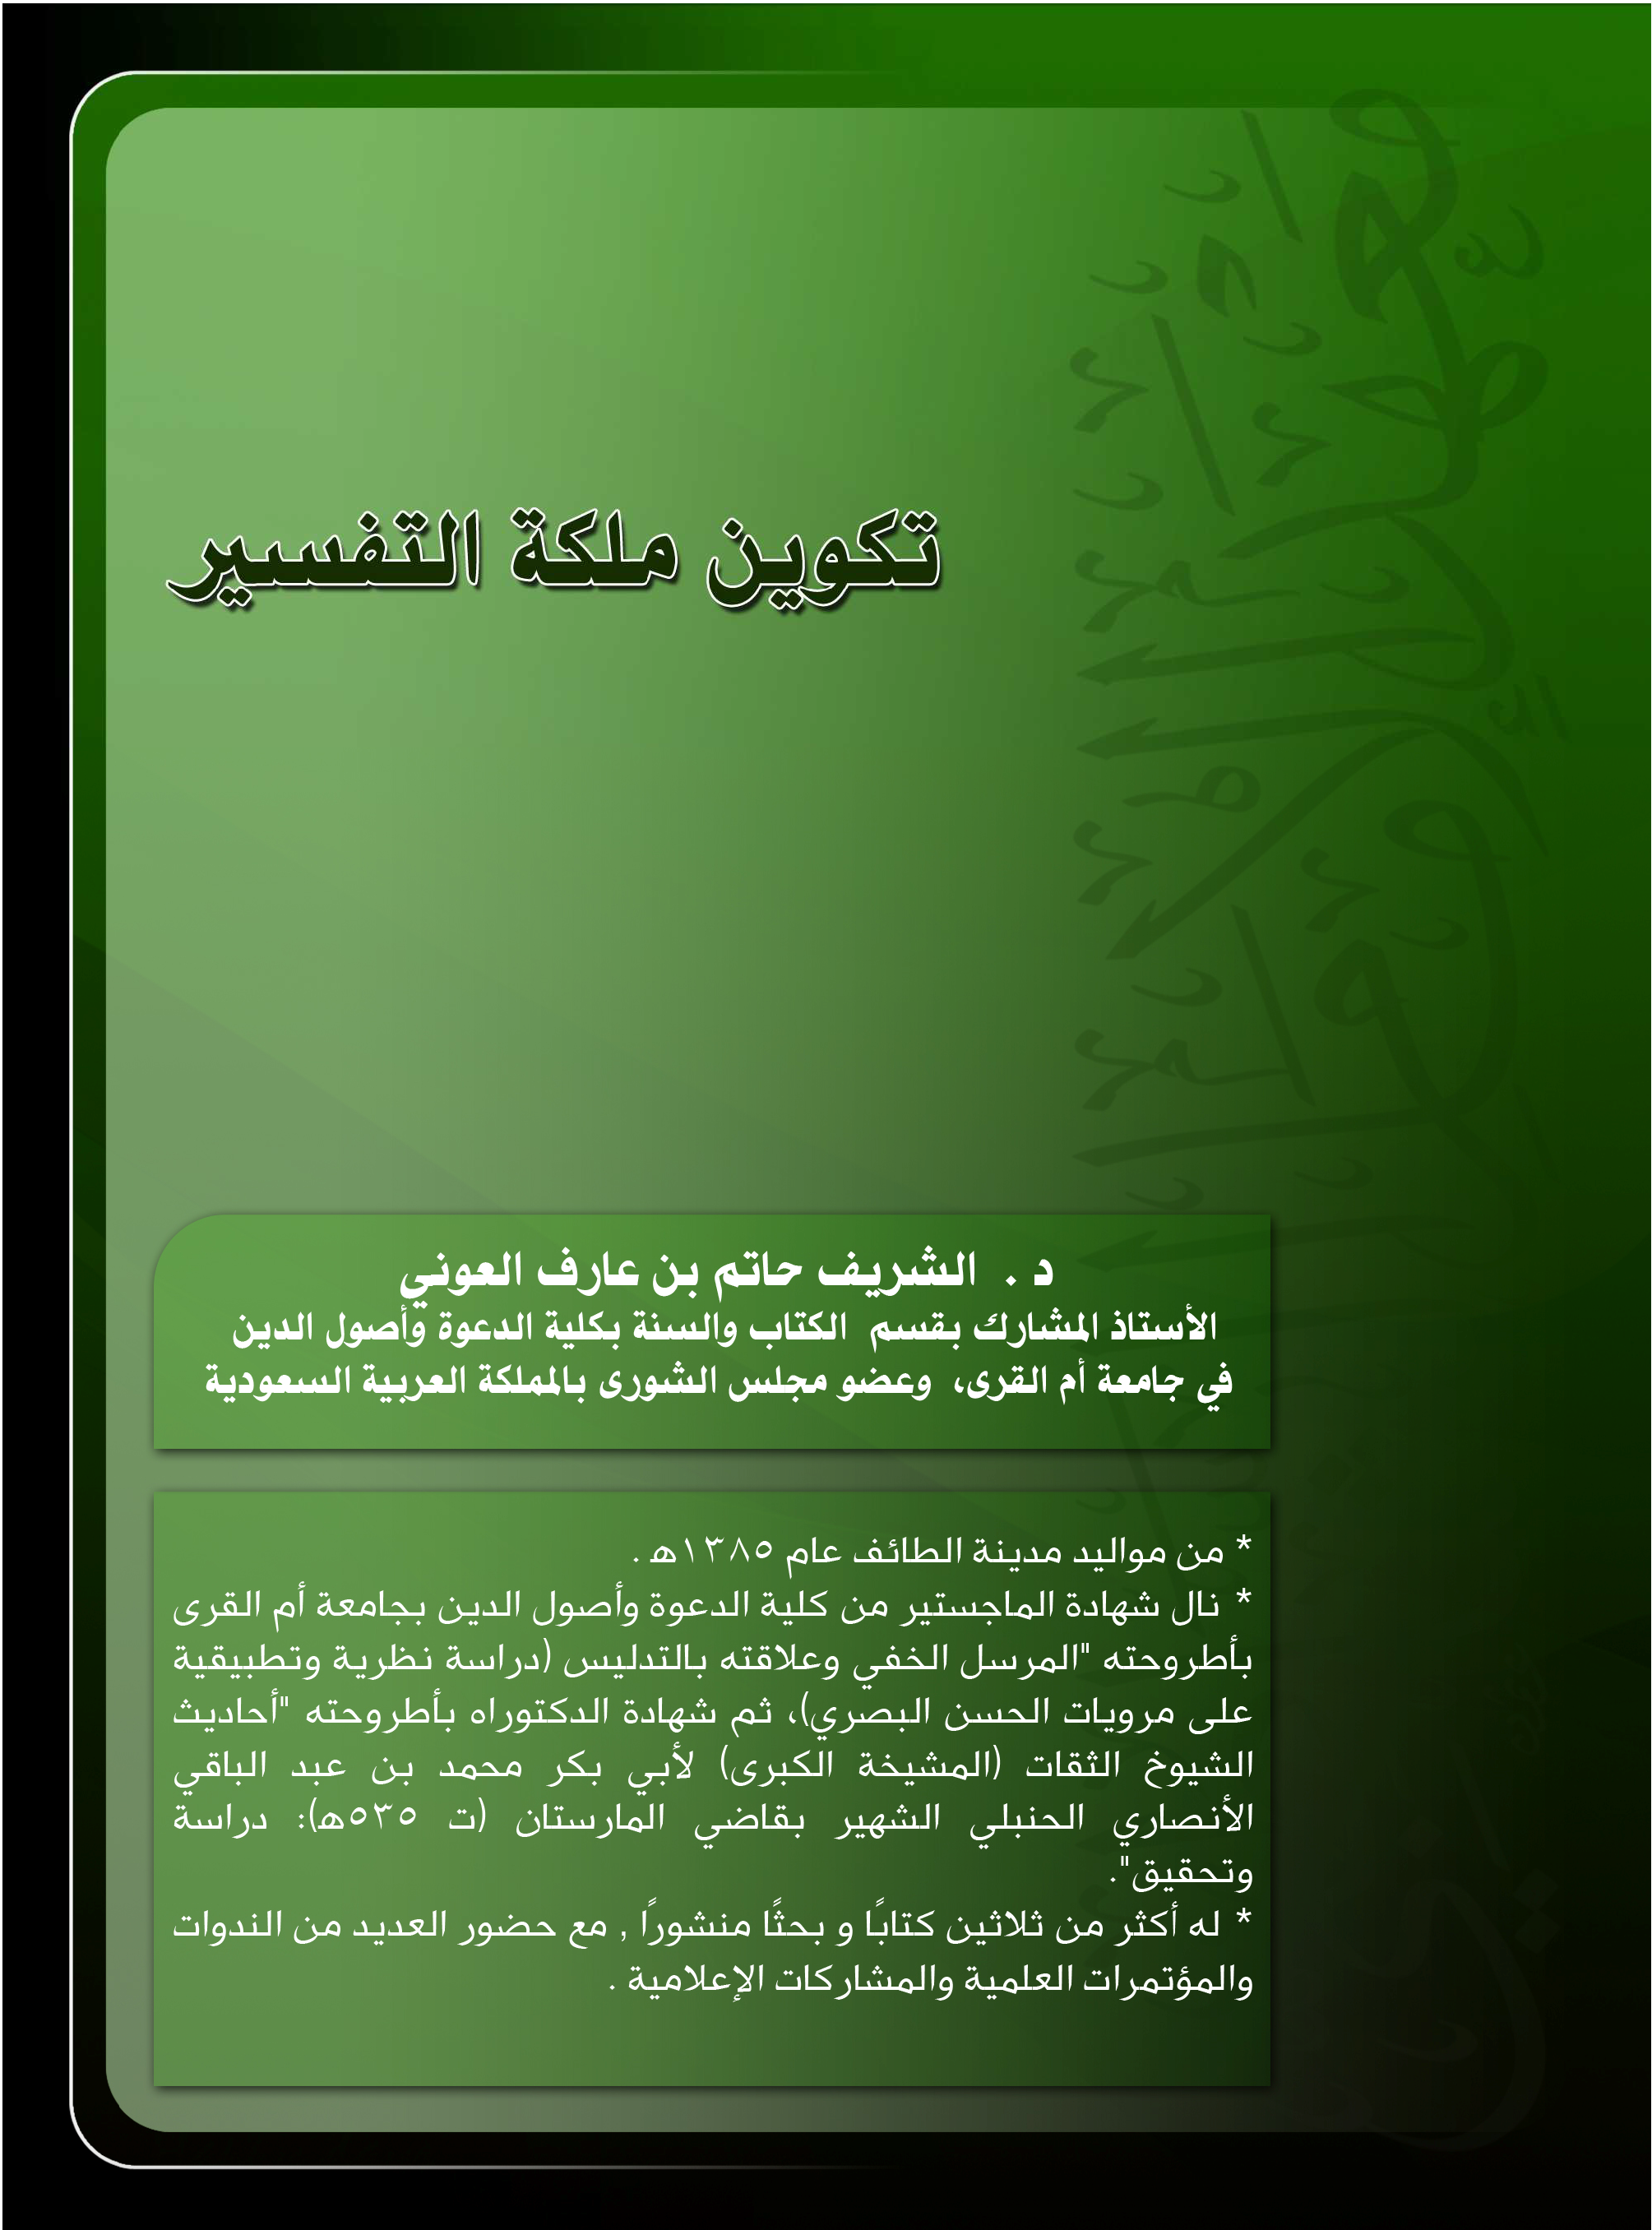 مجلة معهد الإمام الشاطبي للدراسات القرآنية: السنة الثانية - العدد الثالث